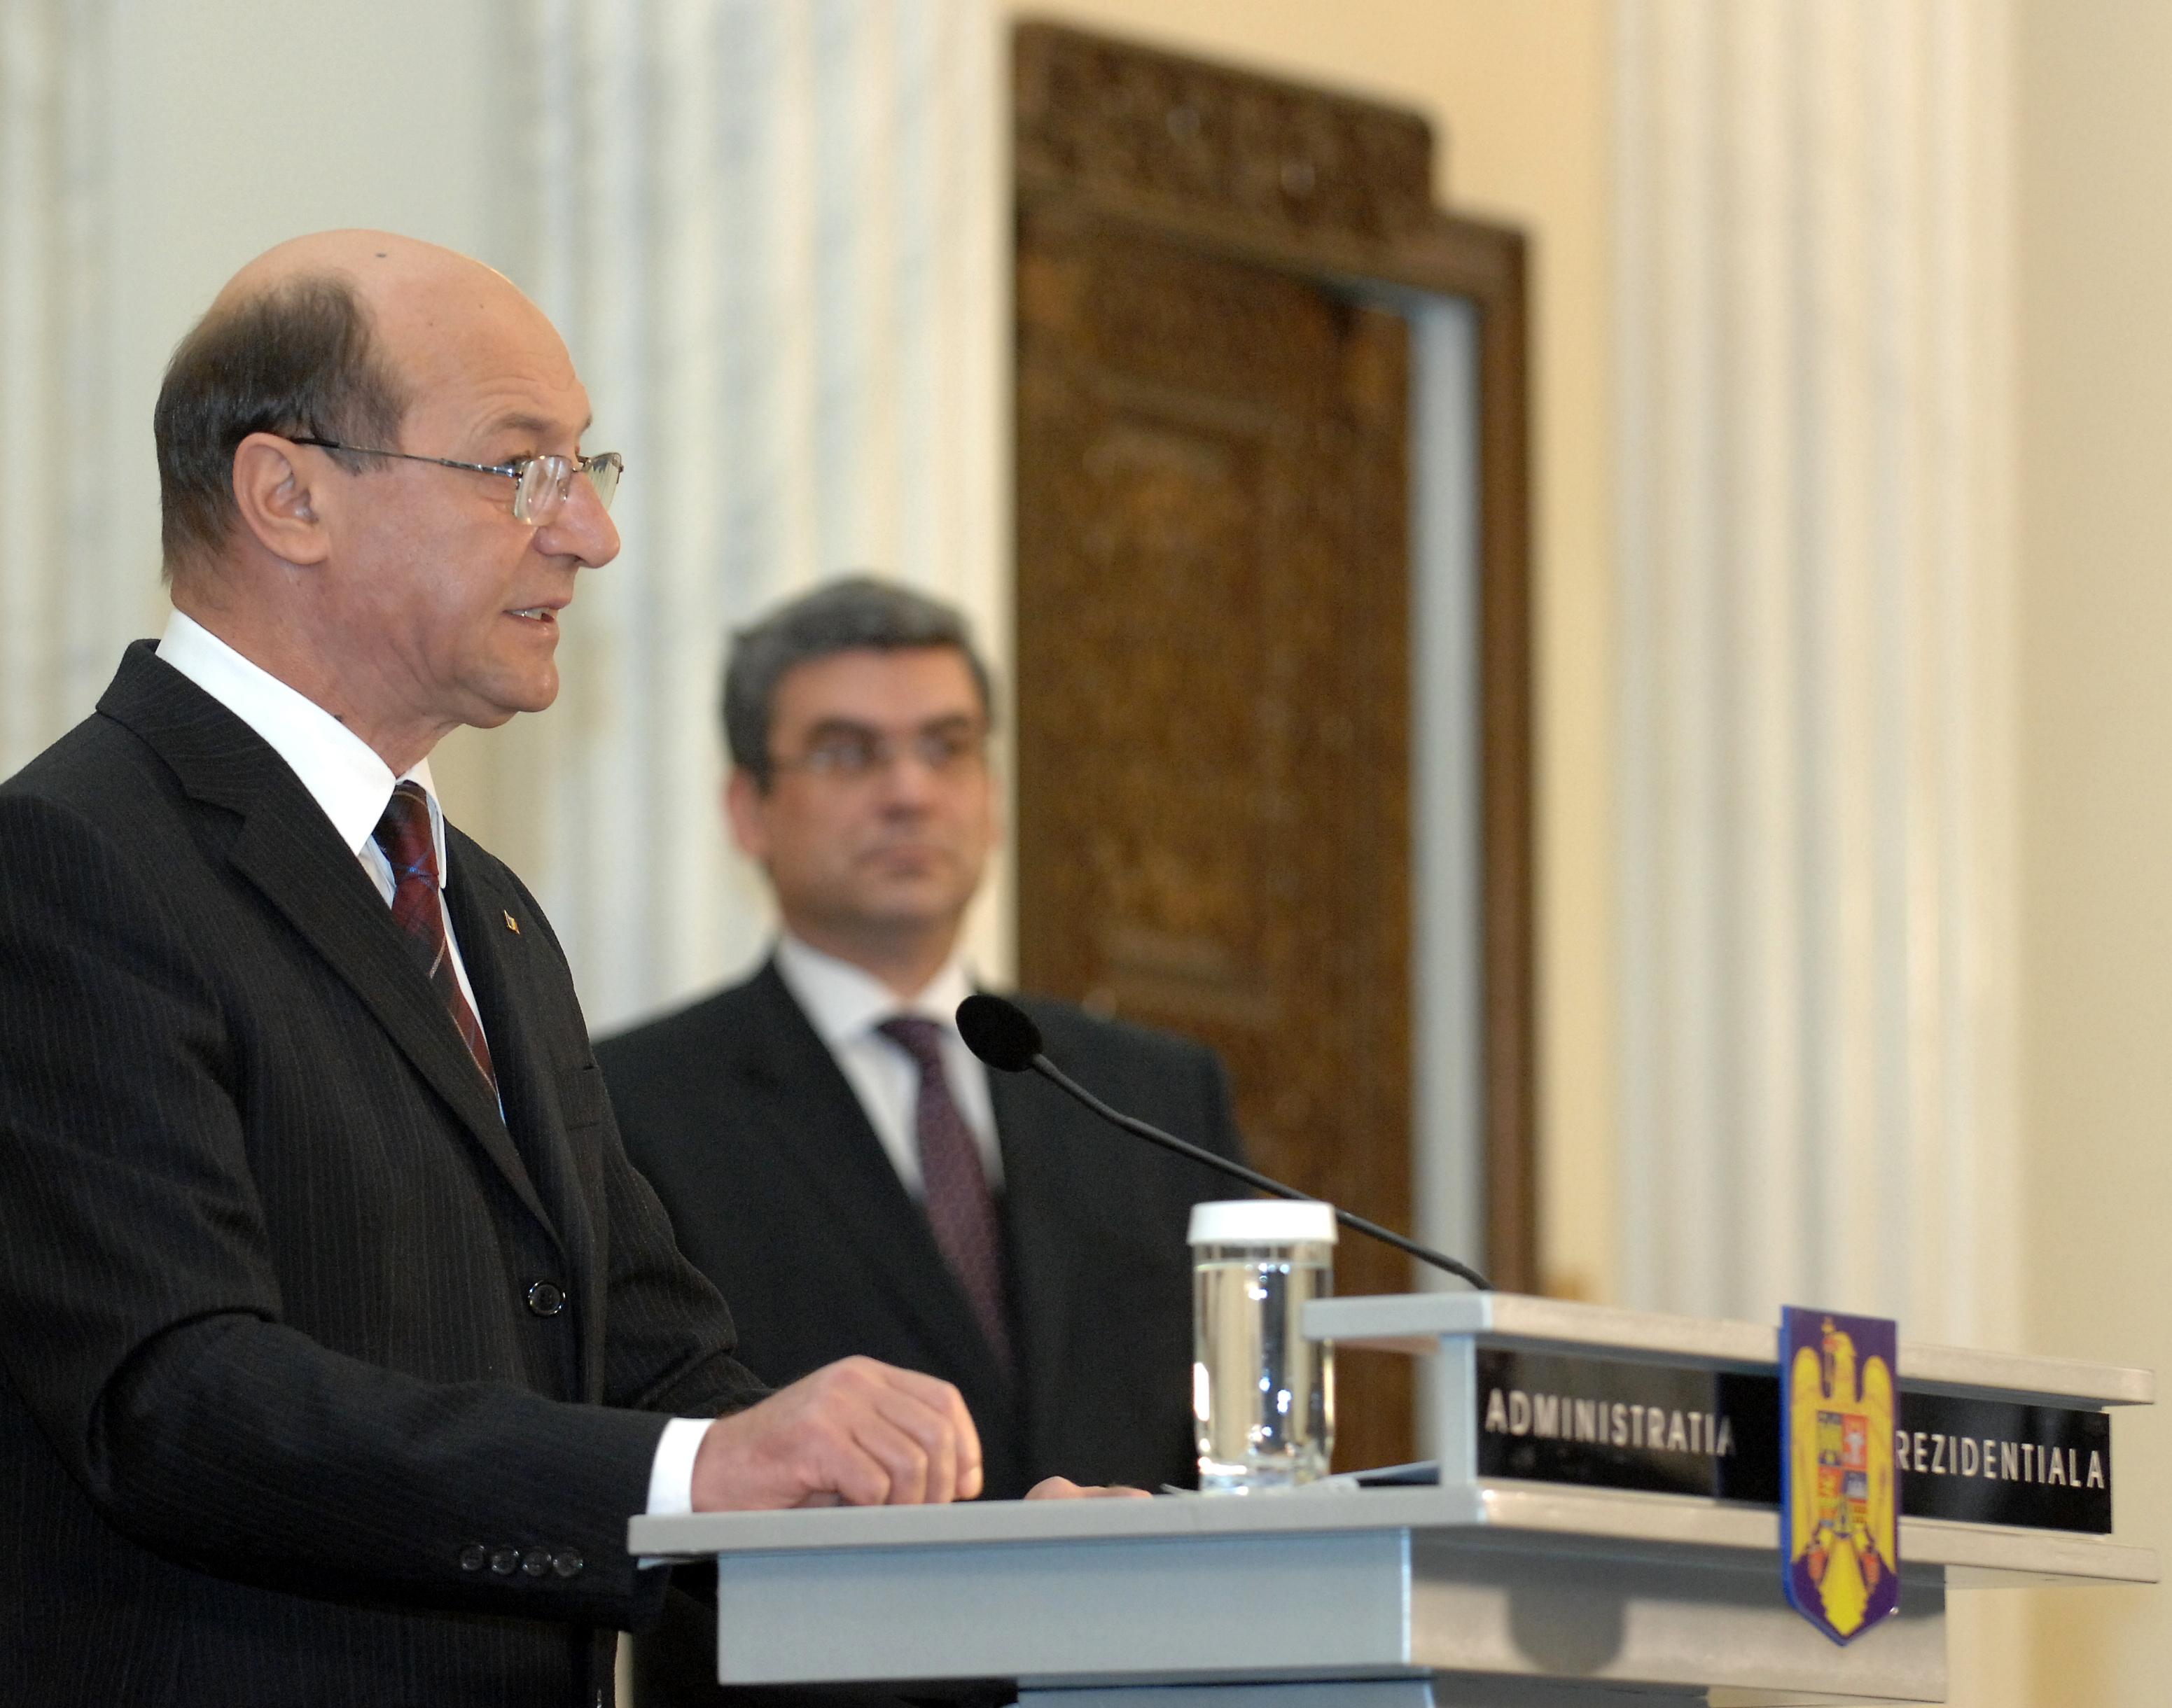 Reuninunea de început de an cu Şefii Misiunilor Diplomatice acreditaţi la Bucureşti